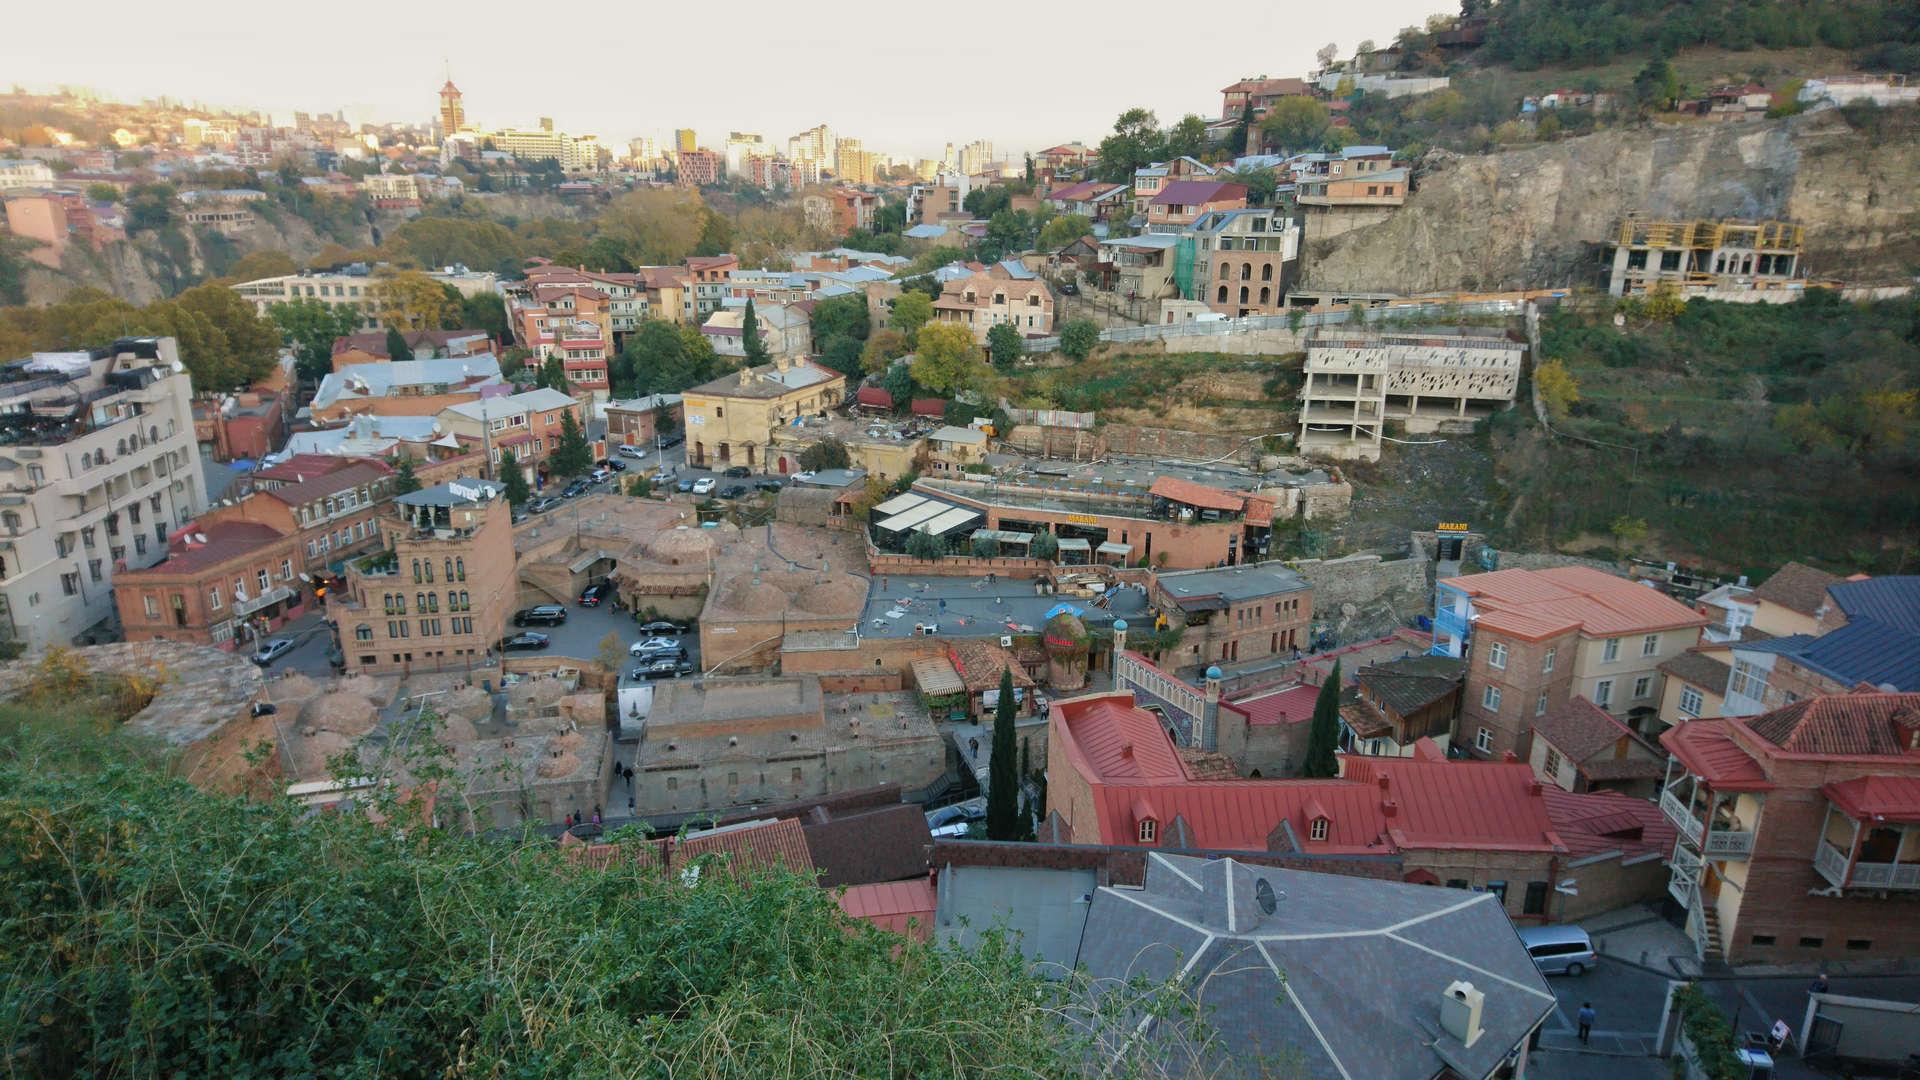 Zwiedzanie Tbilisi - widok na łaźnie publiczne